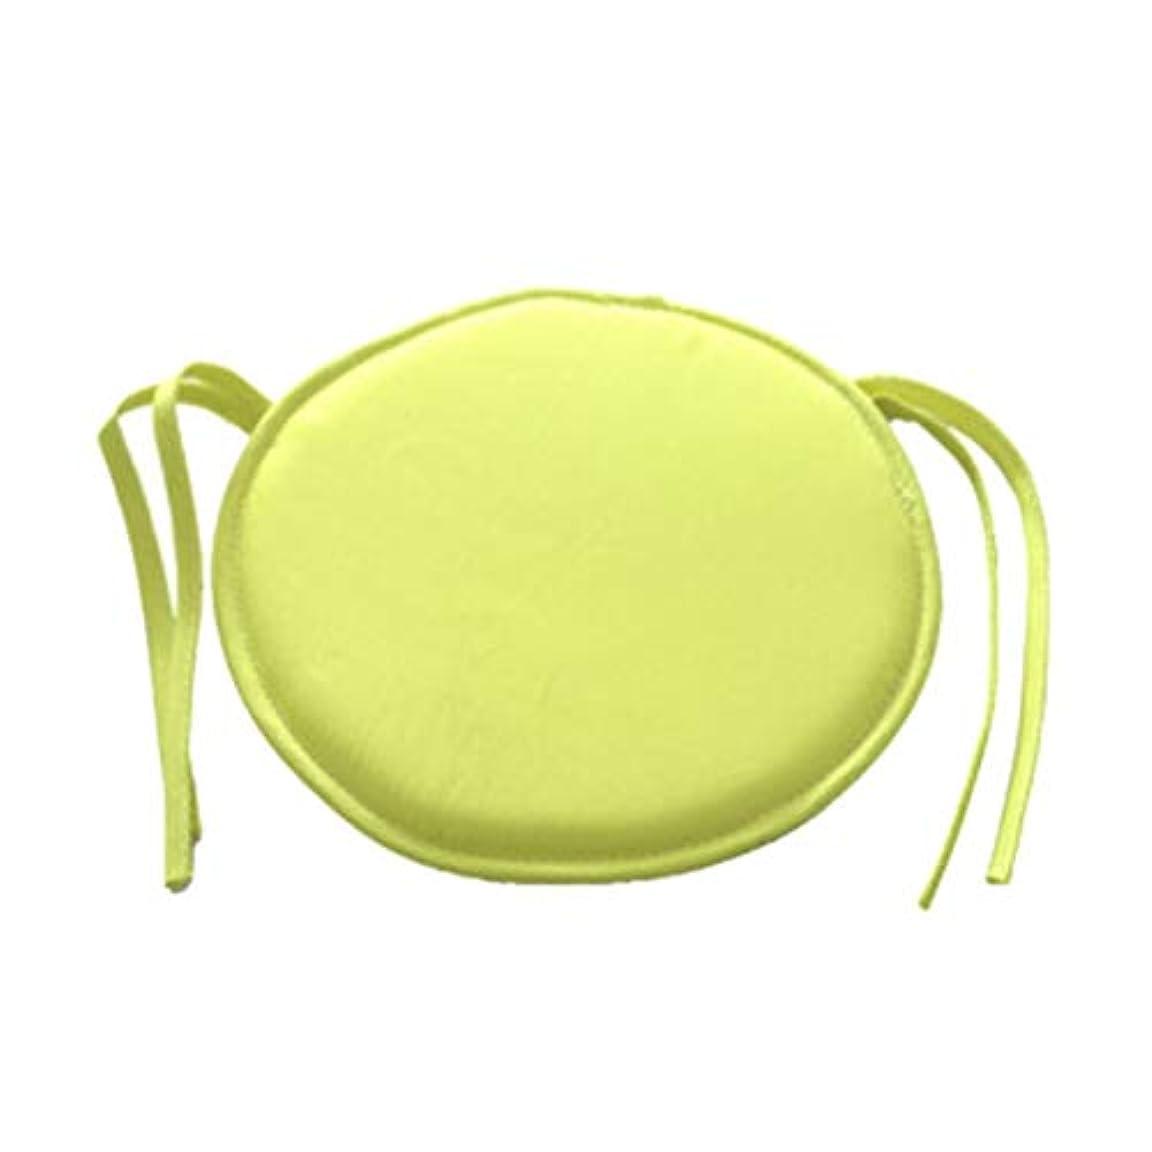 沿ってレーダー入口LIFE ホット販売ラウンドチェアクッション屋内ポップパティオオフィスチェアシートパッドネクタイスクエアガーデンキッチンダイニングクッション クッション 椅子